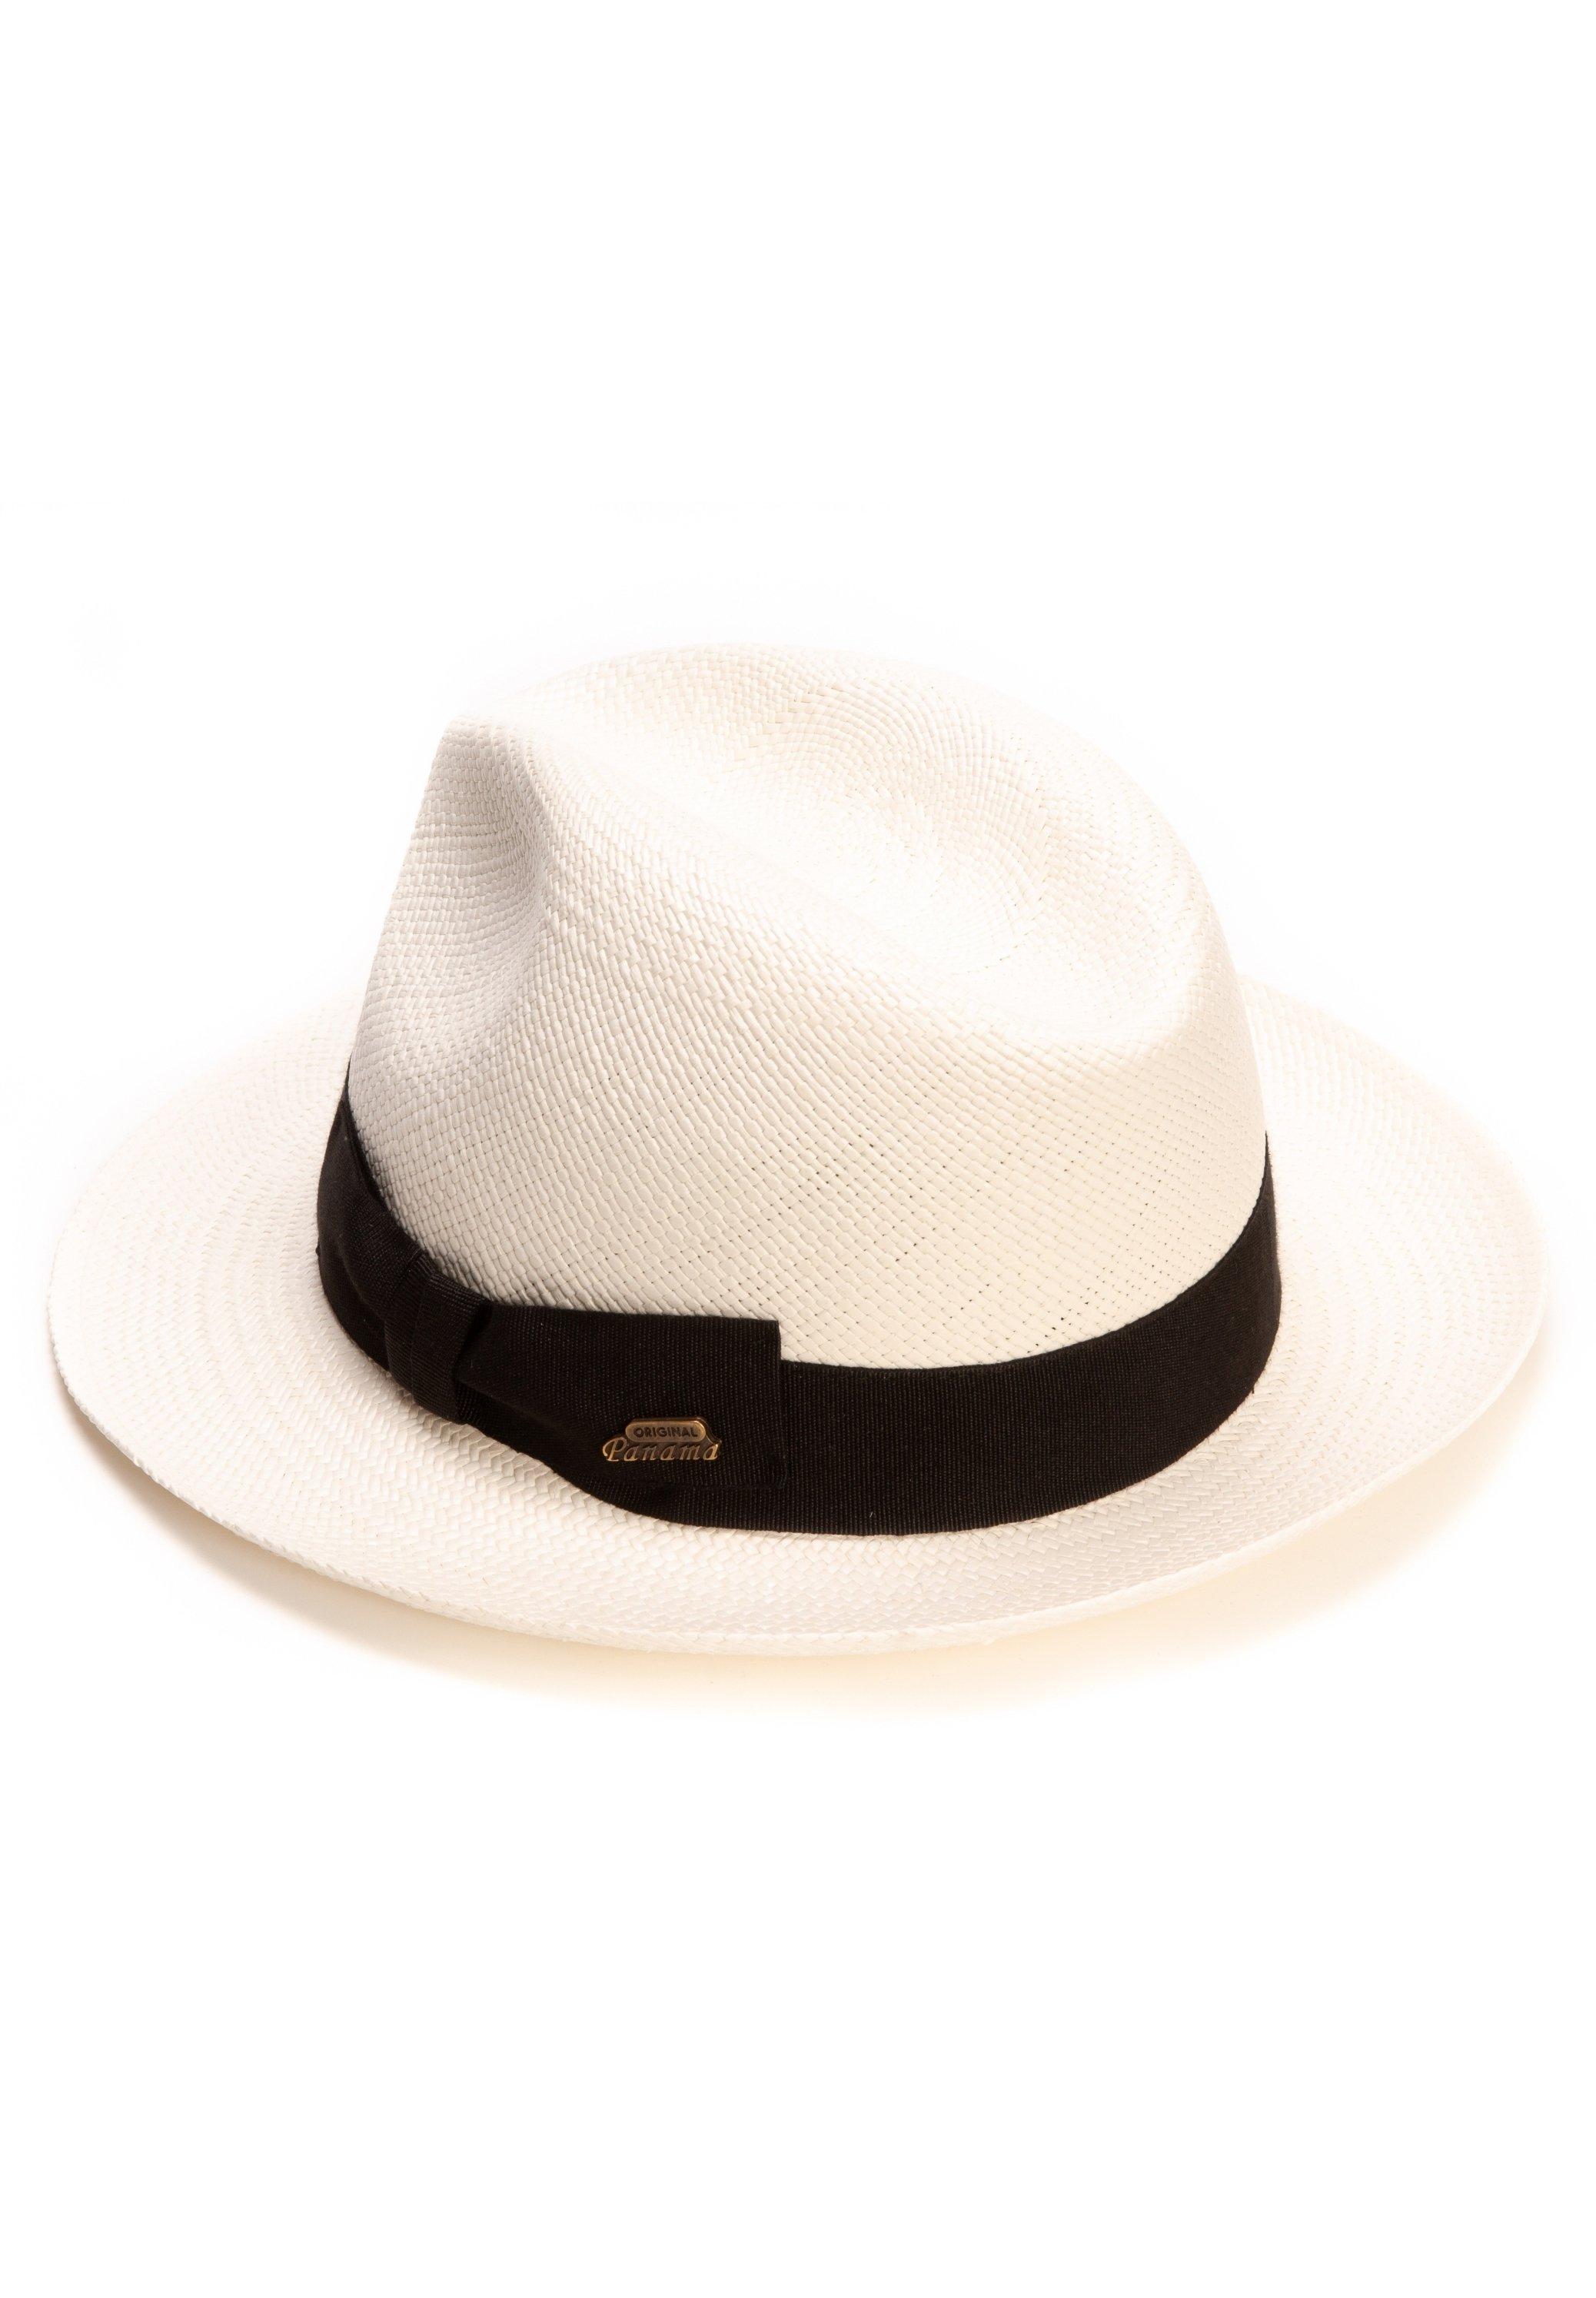 Homme COLOGNE - Chapeau